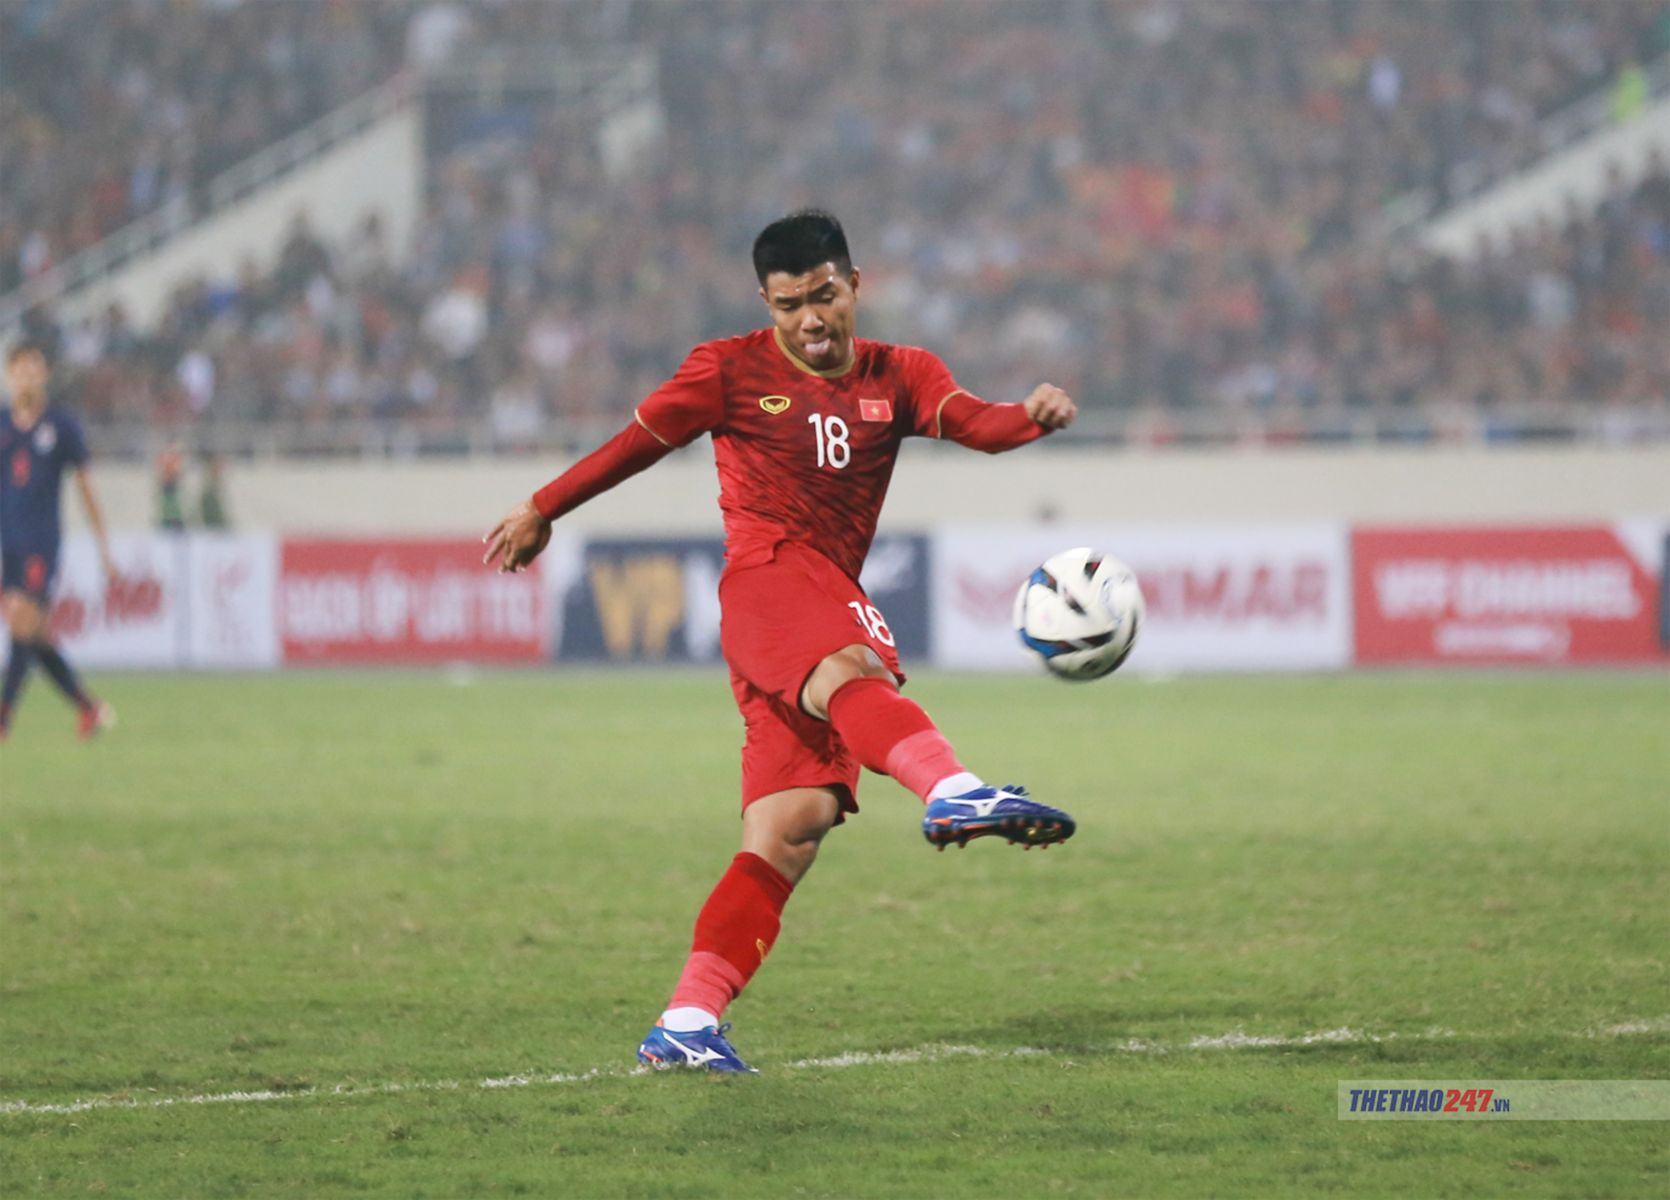 Bị bầu Đức từ chối phũ, Hà Đức Chinh gia nhập Hà Nội FC? - Ảnh 2.